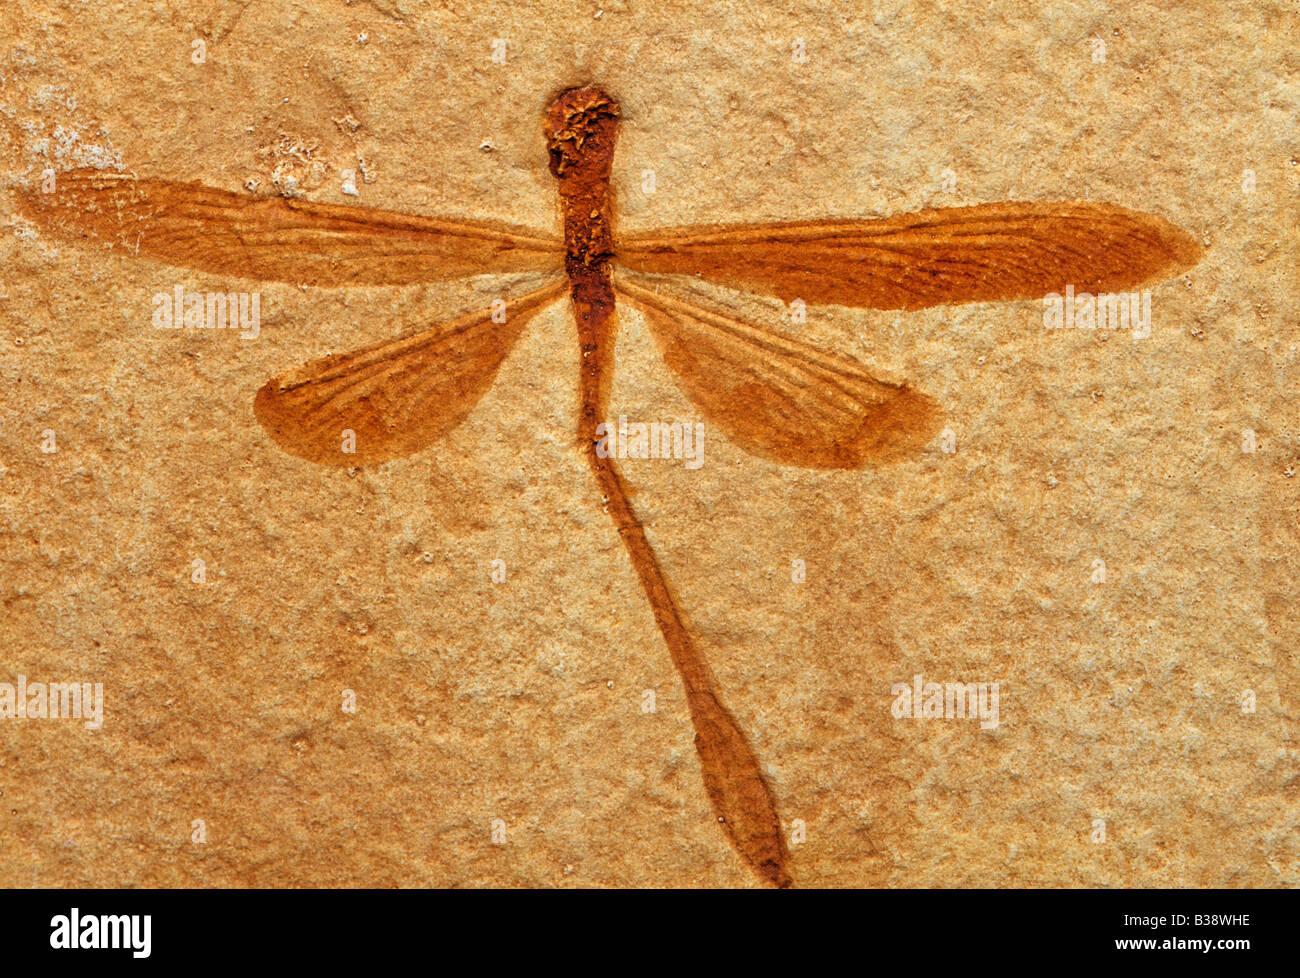 Réplique de libellule fossile du Jurassique supérieur aequalis Stenophlebia Bavière Photo Stock